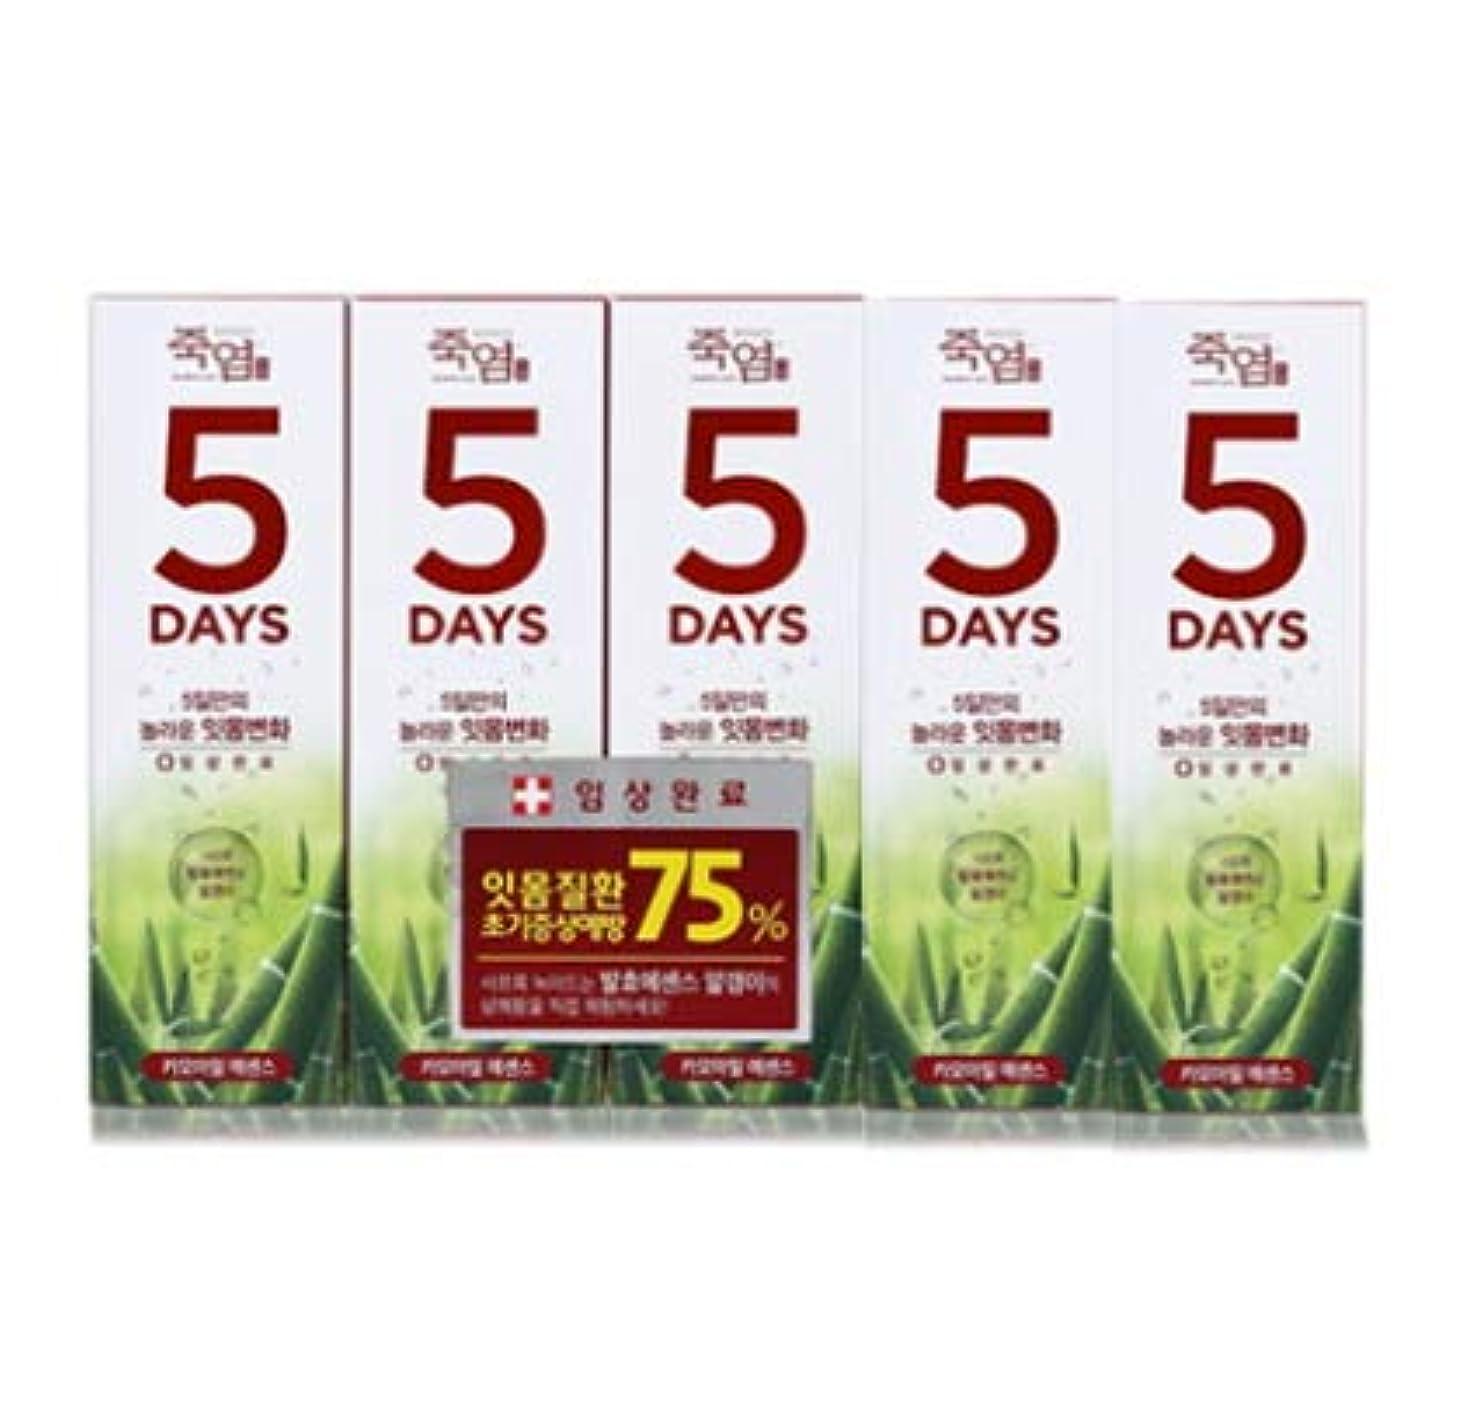 軽推測するカタログ[LG Care/LG生活健康]竹塩歯磨き粉5daysカモミールエッセンス100g x5ea/歯磨きセットスペシャル?リミテッドToothpaste Set Special Limited Korea(海外直送品)